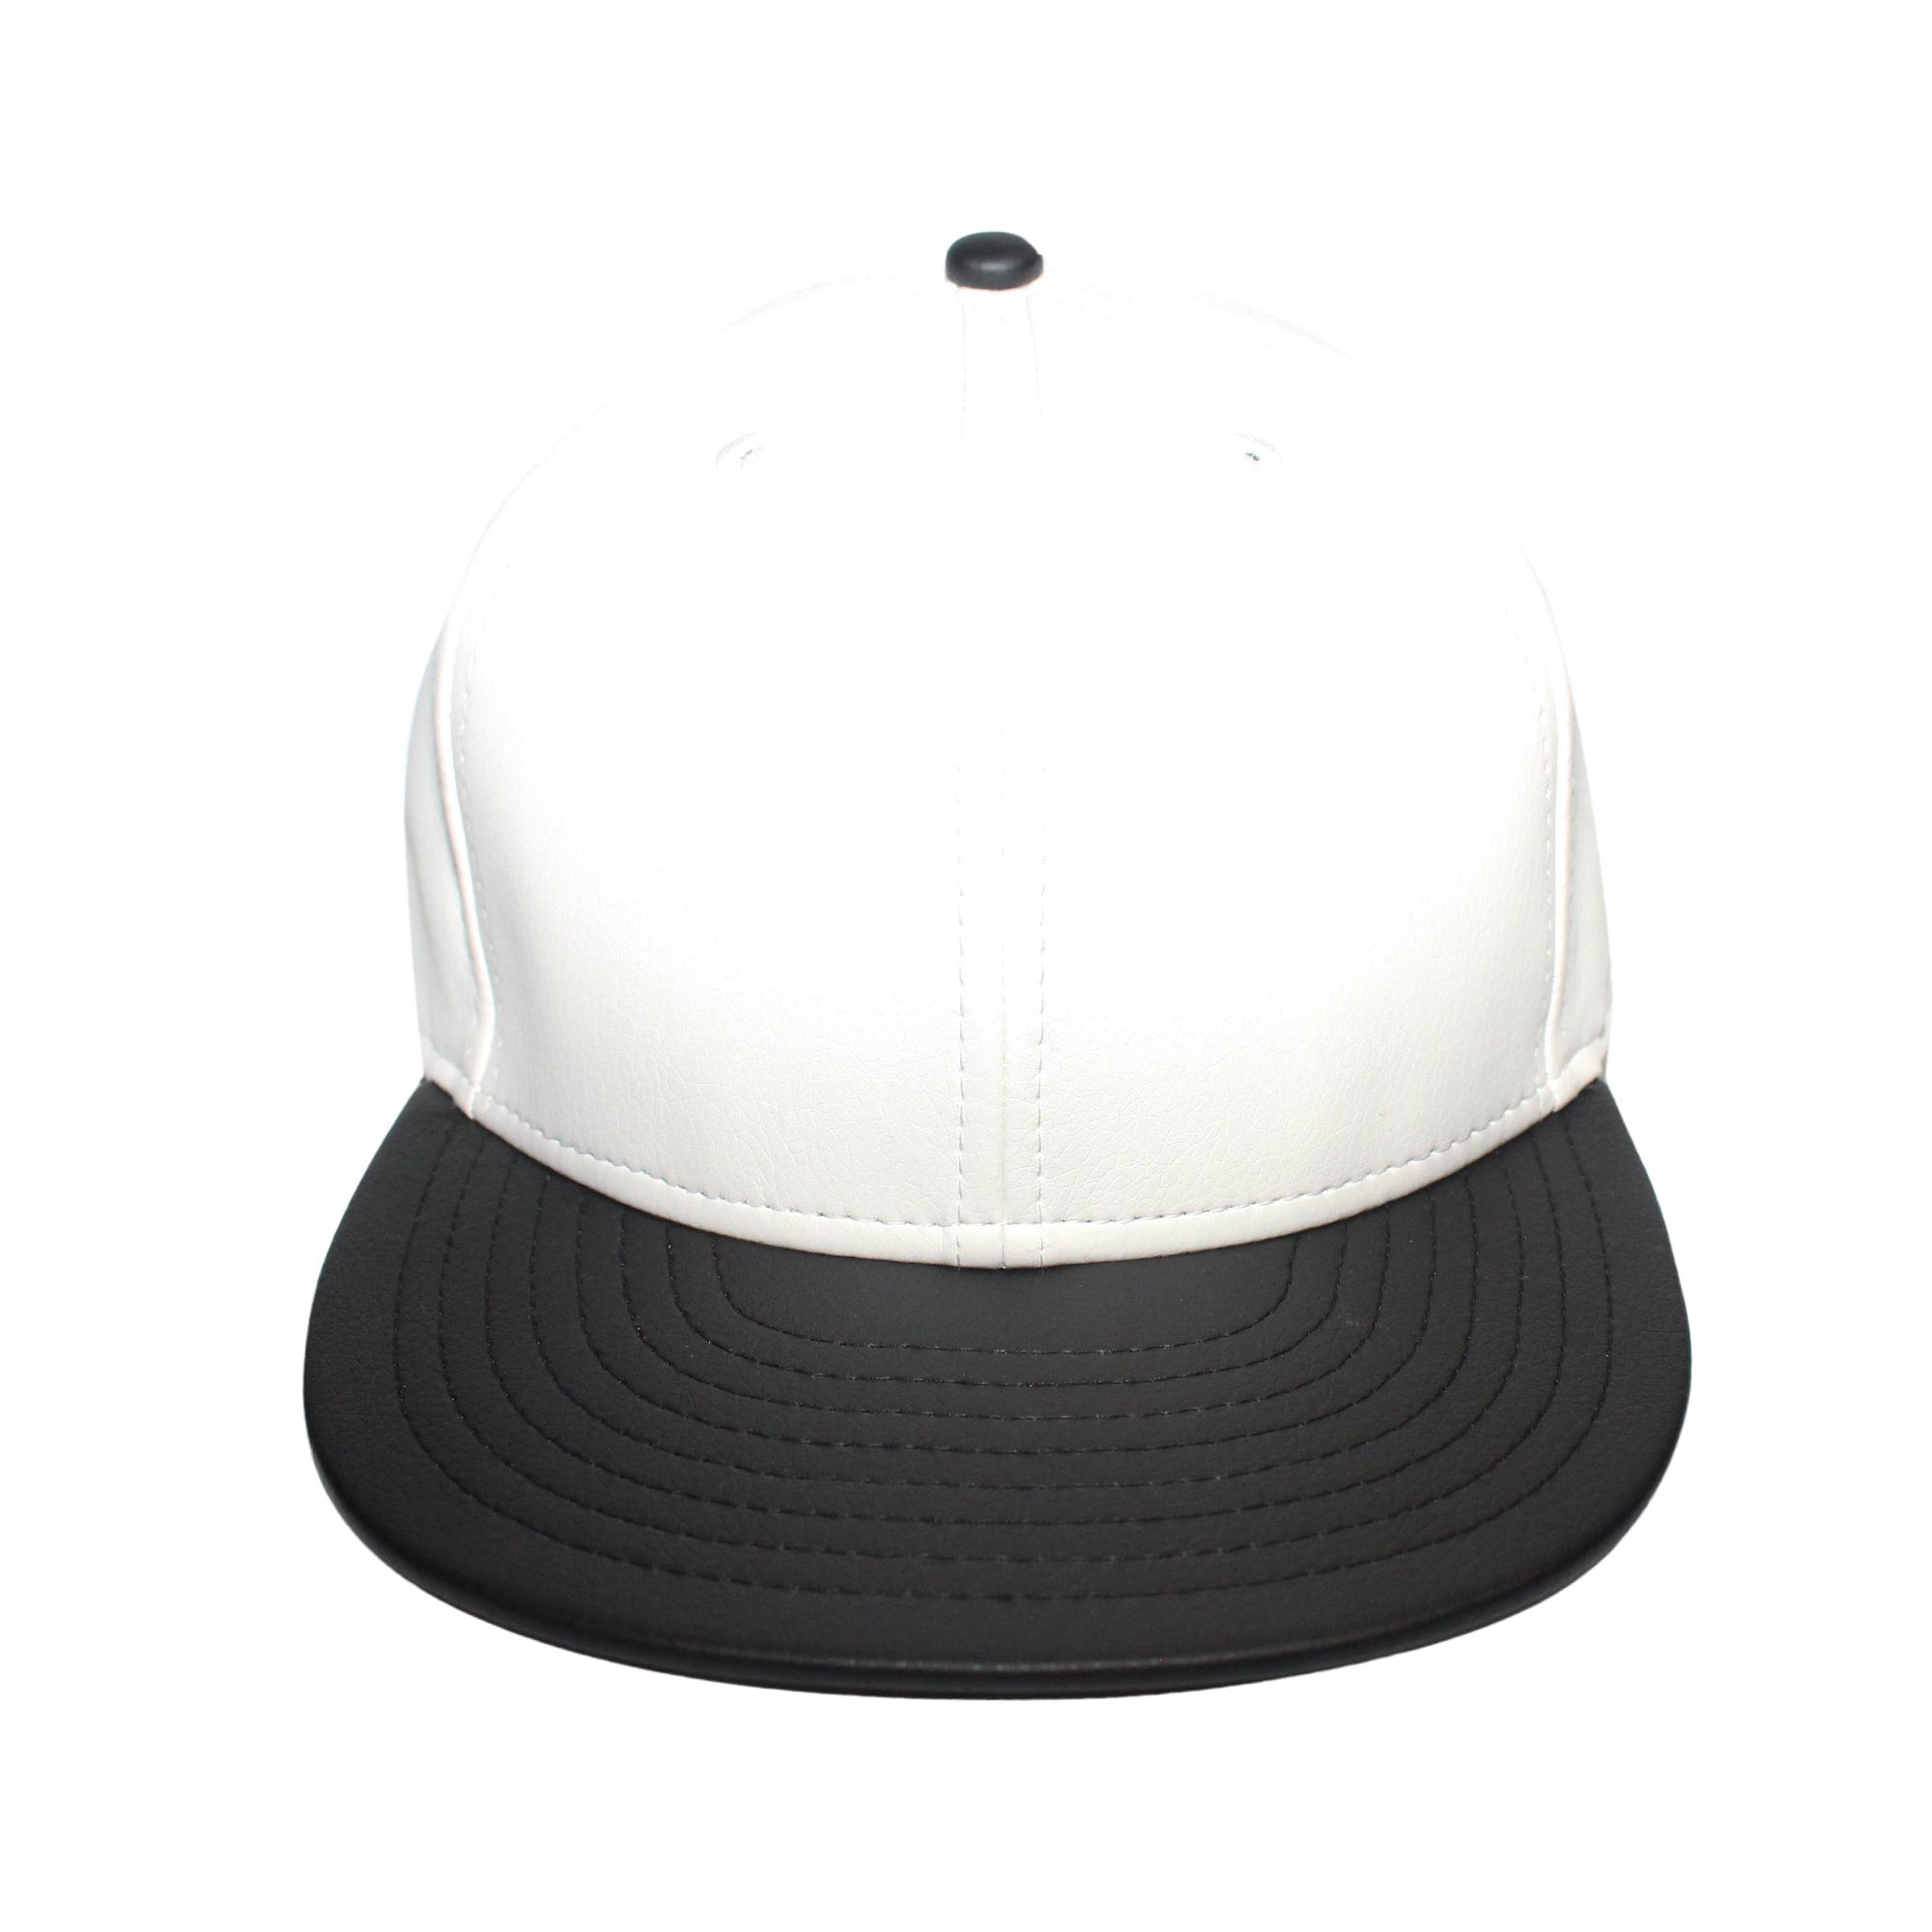 The Cap Guys Inspired Exclusives Origins Hat Design